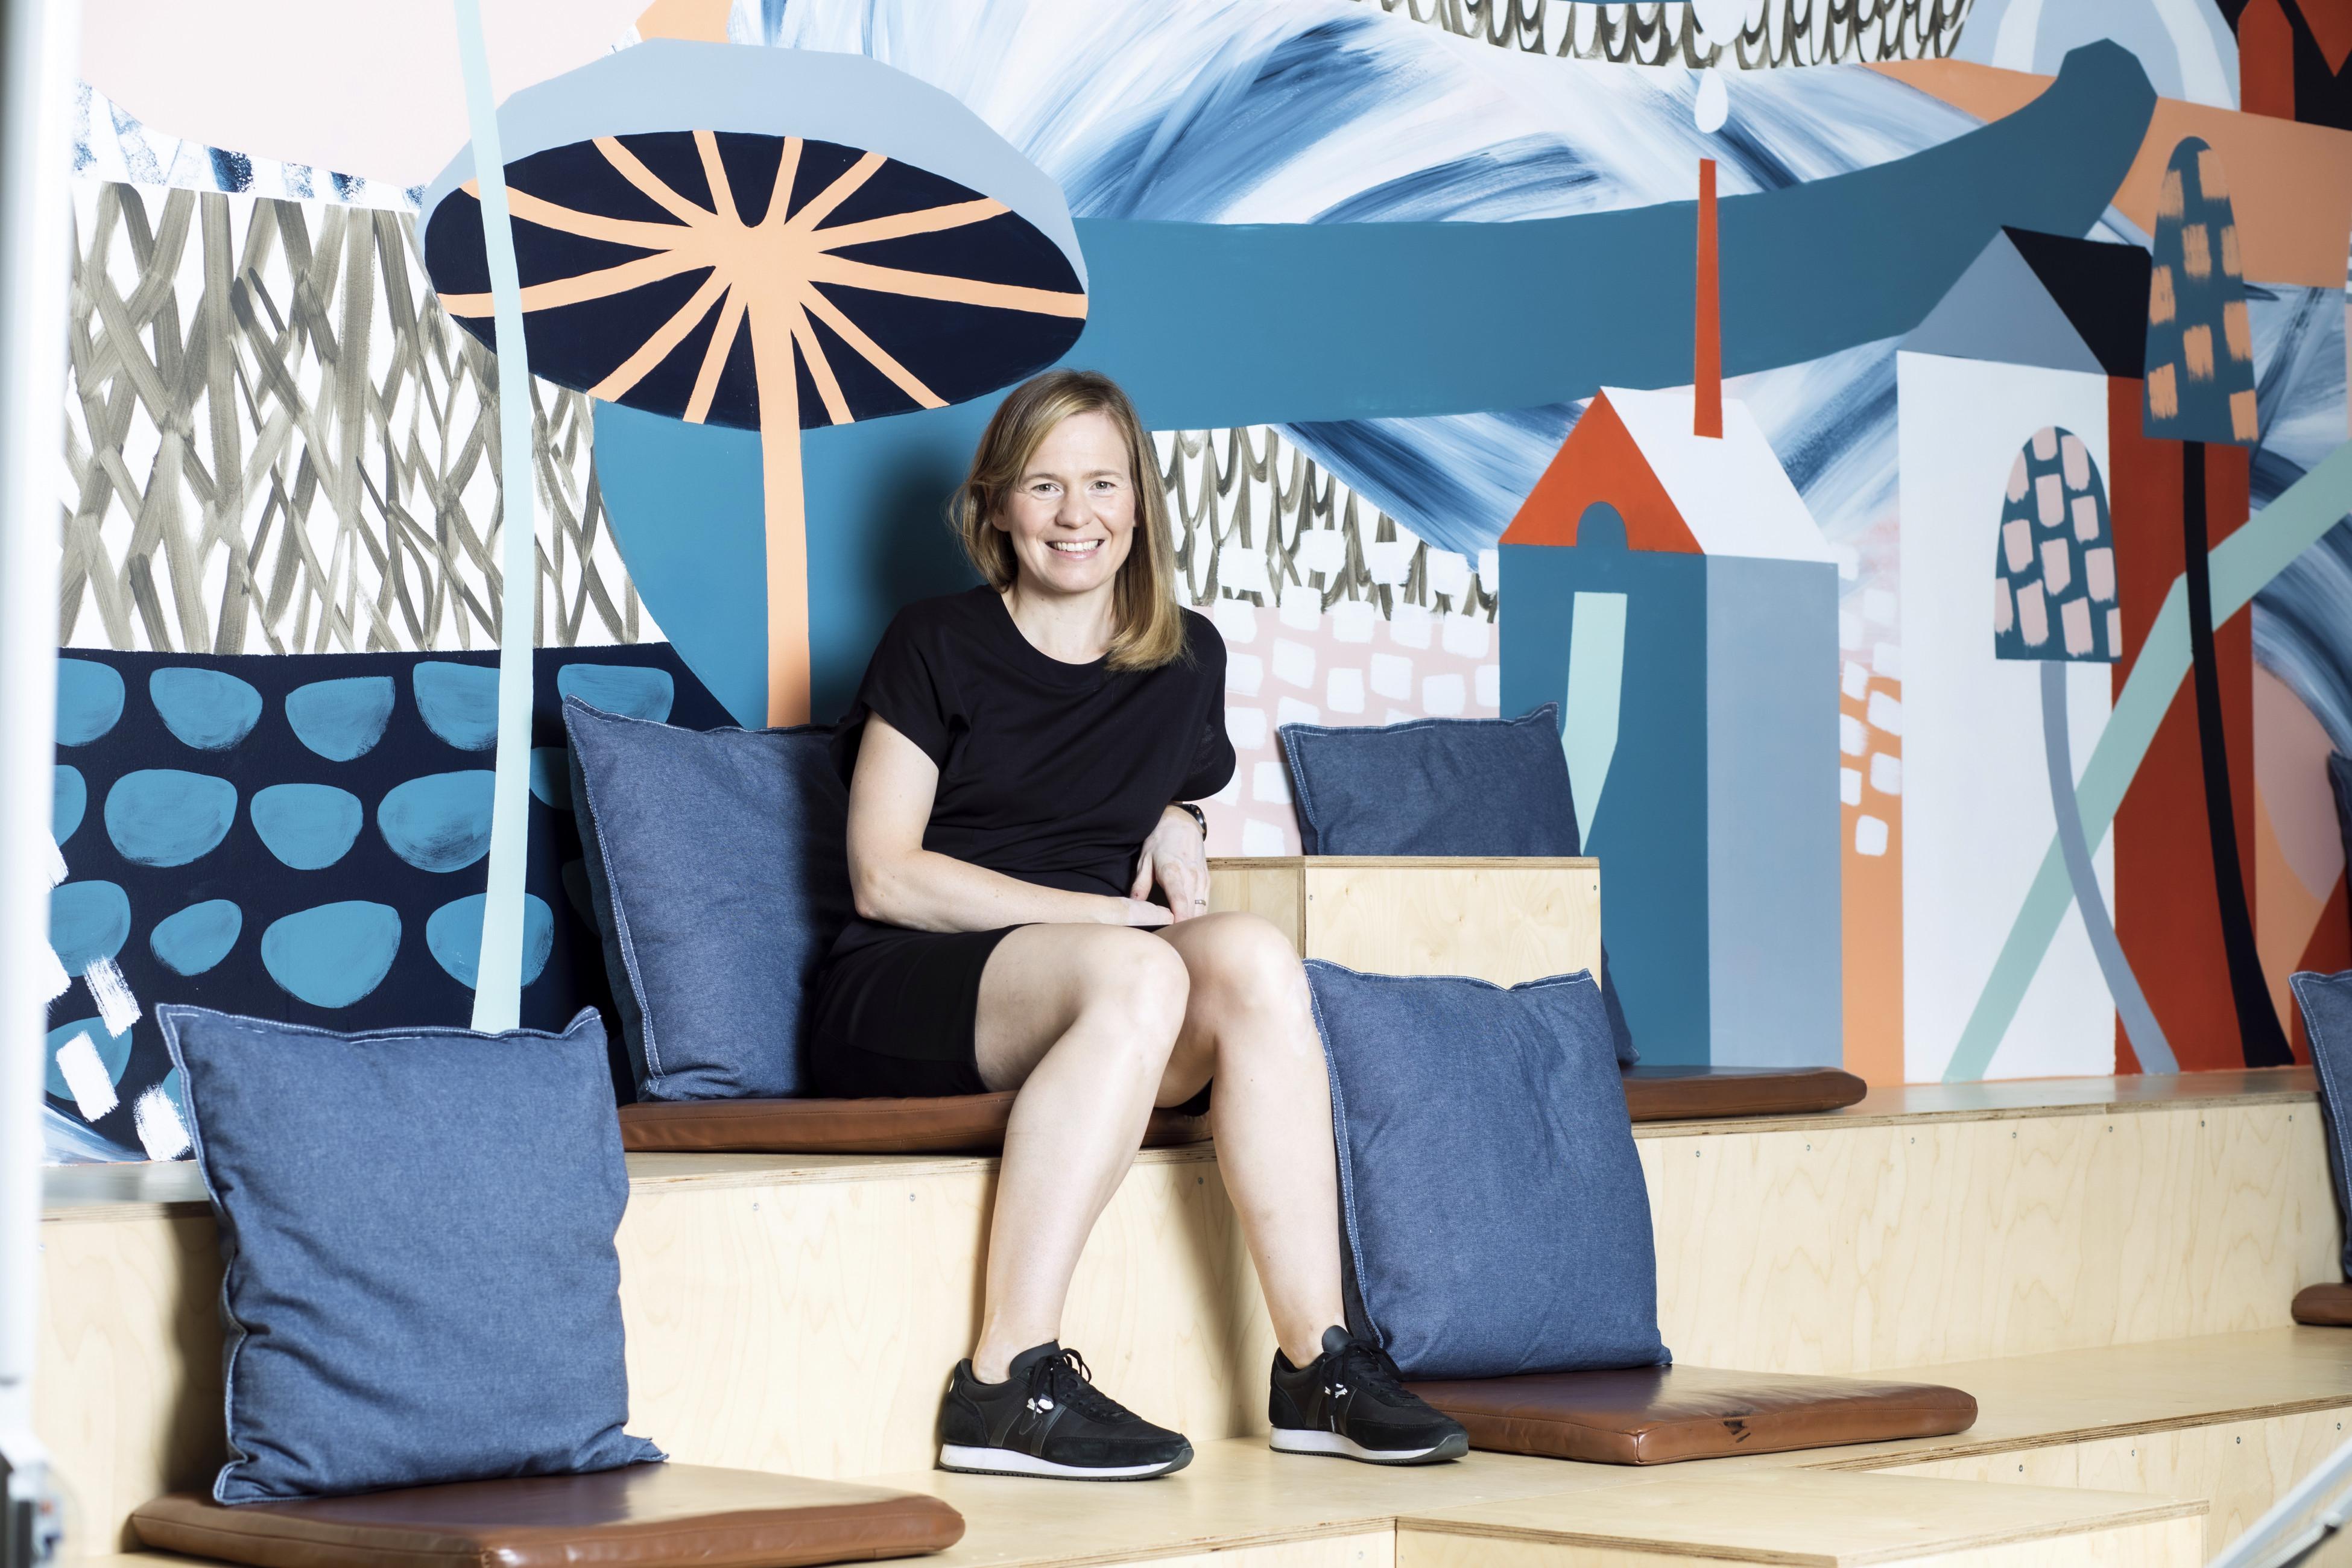 Melanie Wendlandin perustama Sonder on osuuskunta ja globaali verkosto, joka työllistää yli 20 eri alan ammattilaista.